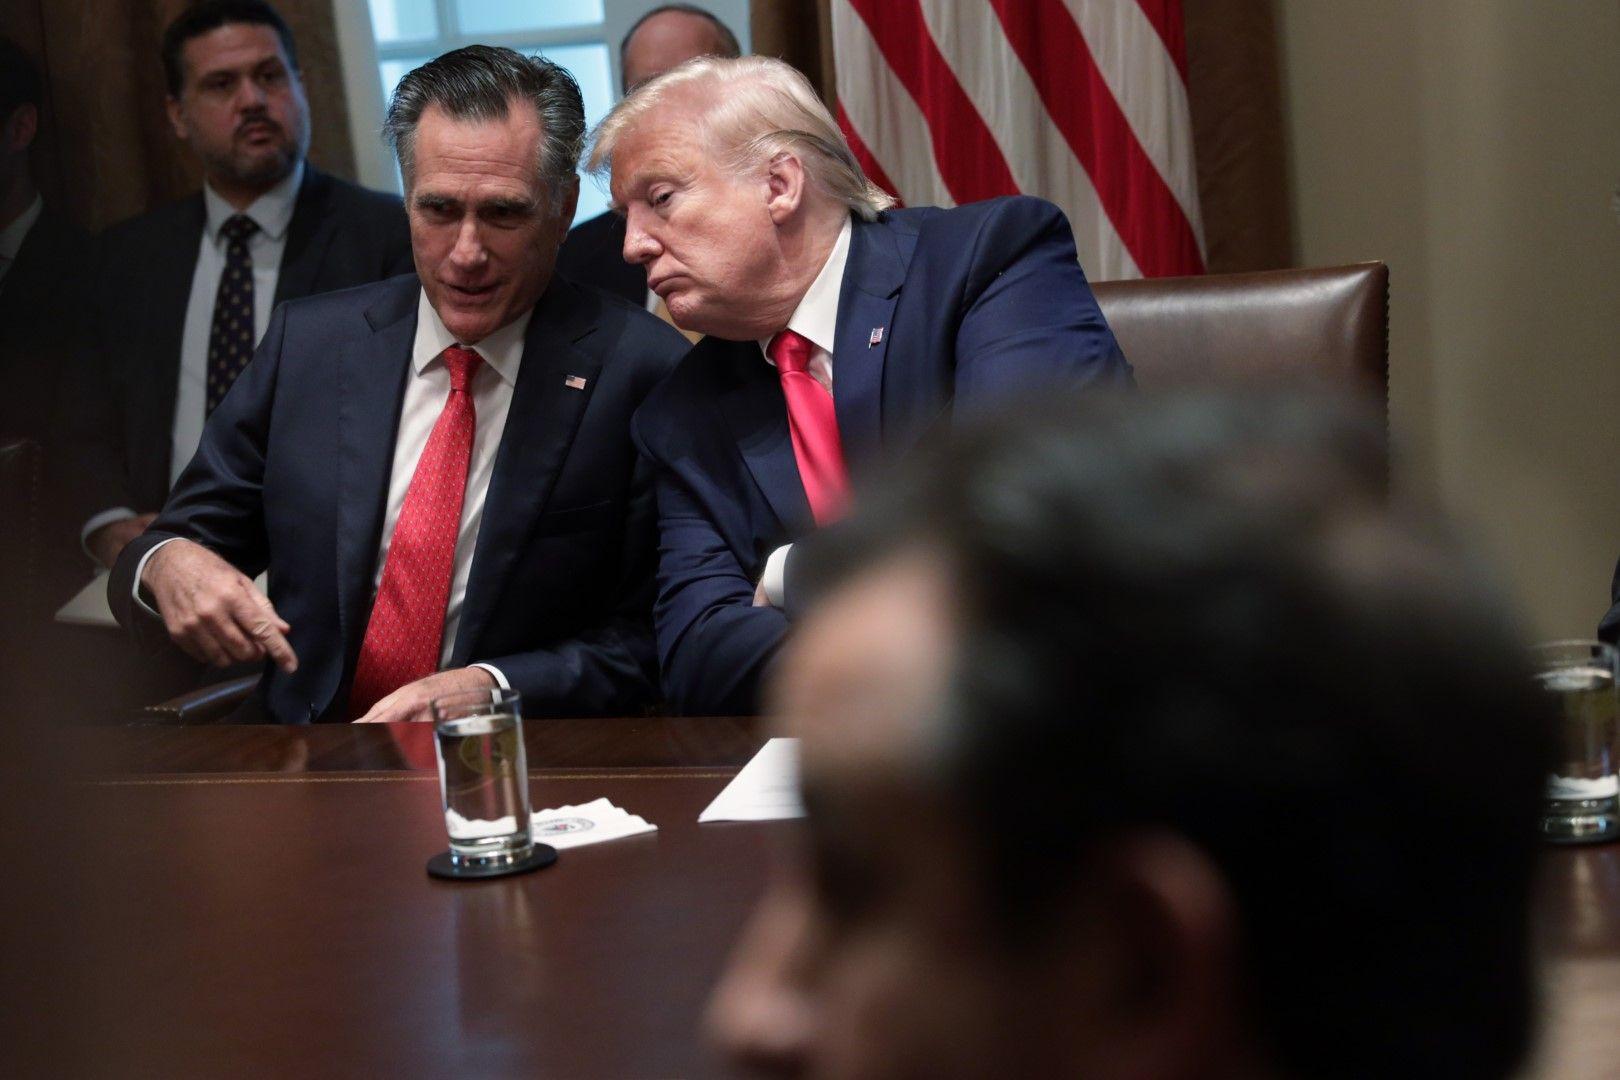 Доналд Тръмп изслушва Мит Ромни по време на дискусия за въздействието на електронните цигари върху младите, провела се на 19 ноември 2019 г. в Белия дом